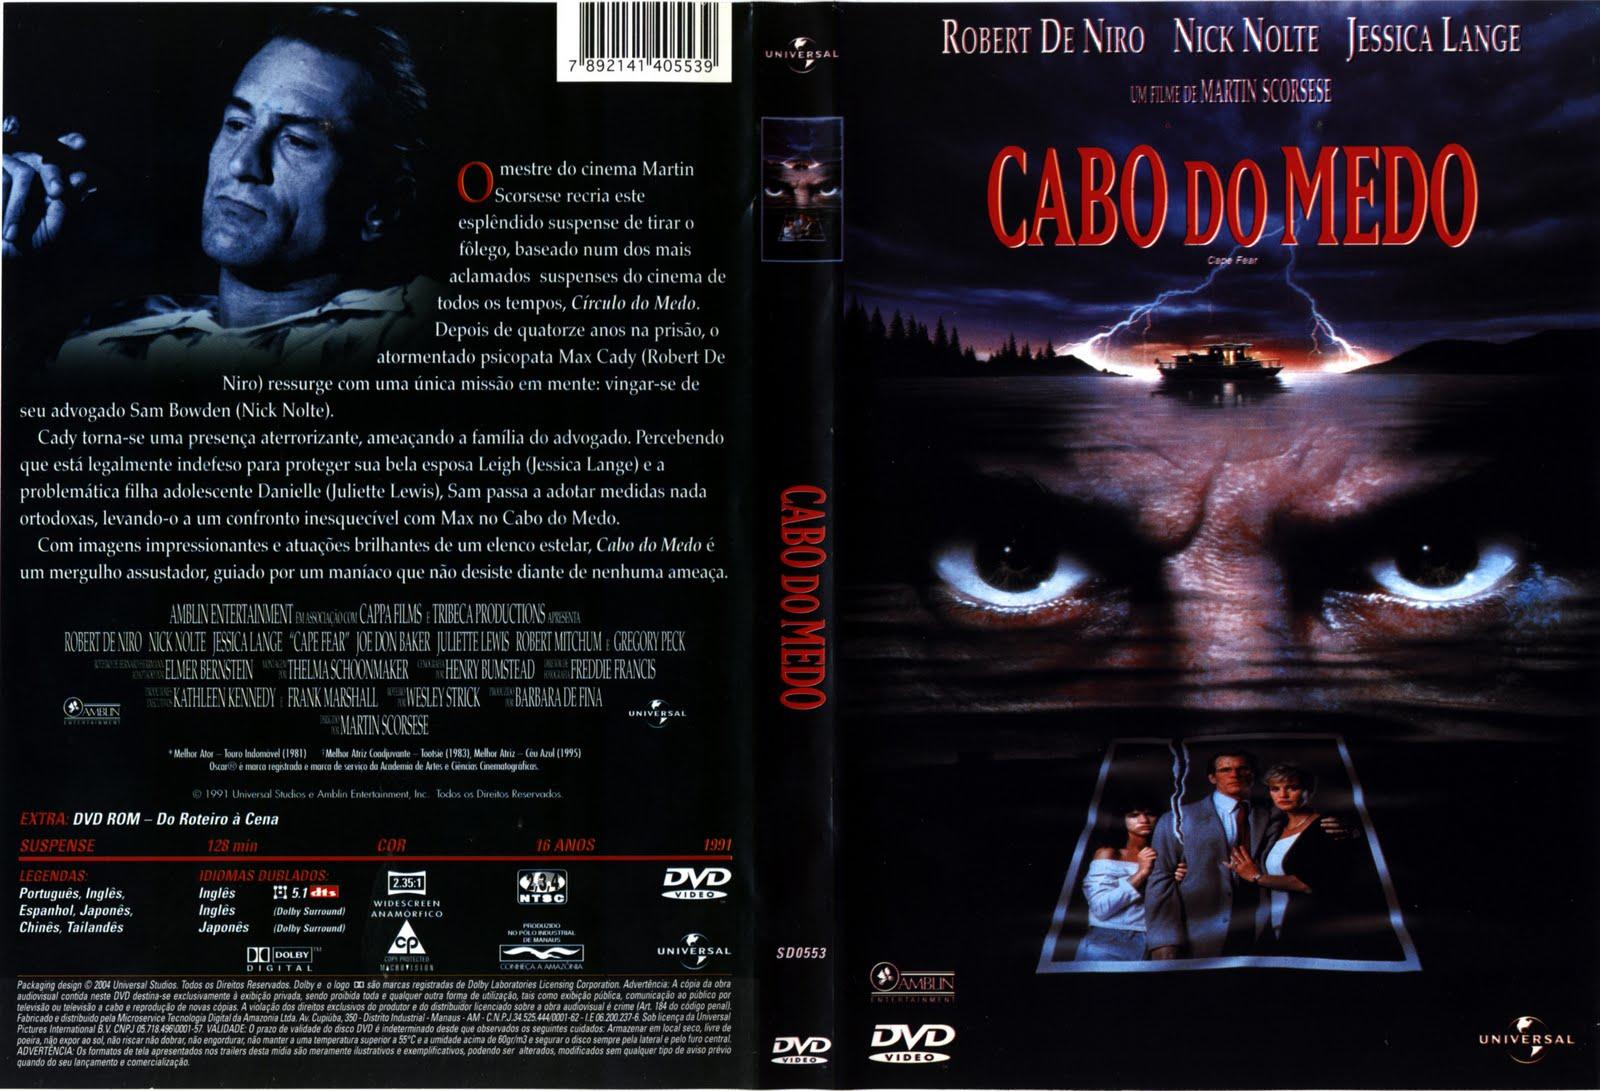 http://1.bp.blogspot.com/_56N_enXK-4o/TRnHgGF5OXI/AAAAAAAAAaU/y2gaGBUhpmU/s1600/Cabo_Do_Medo.jpg